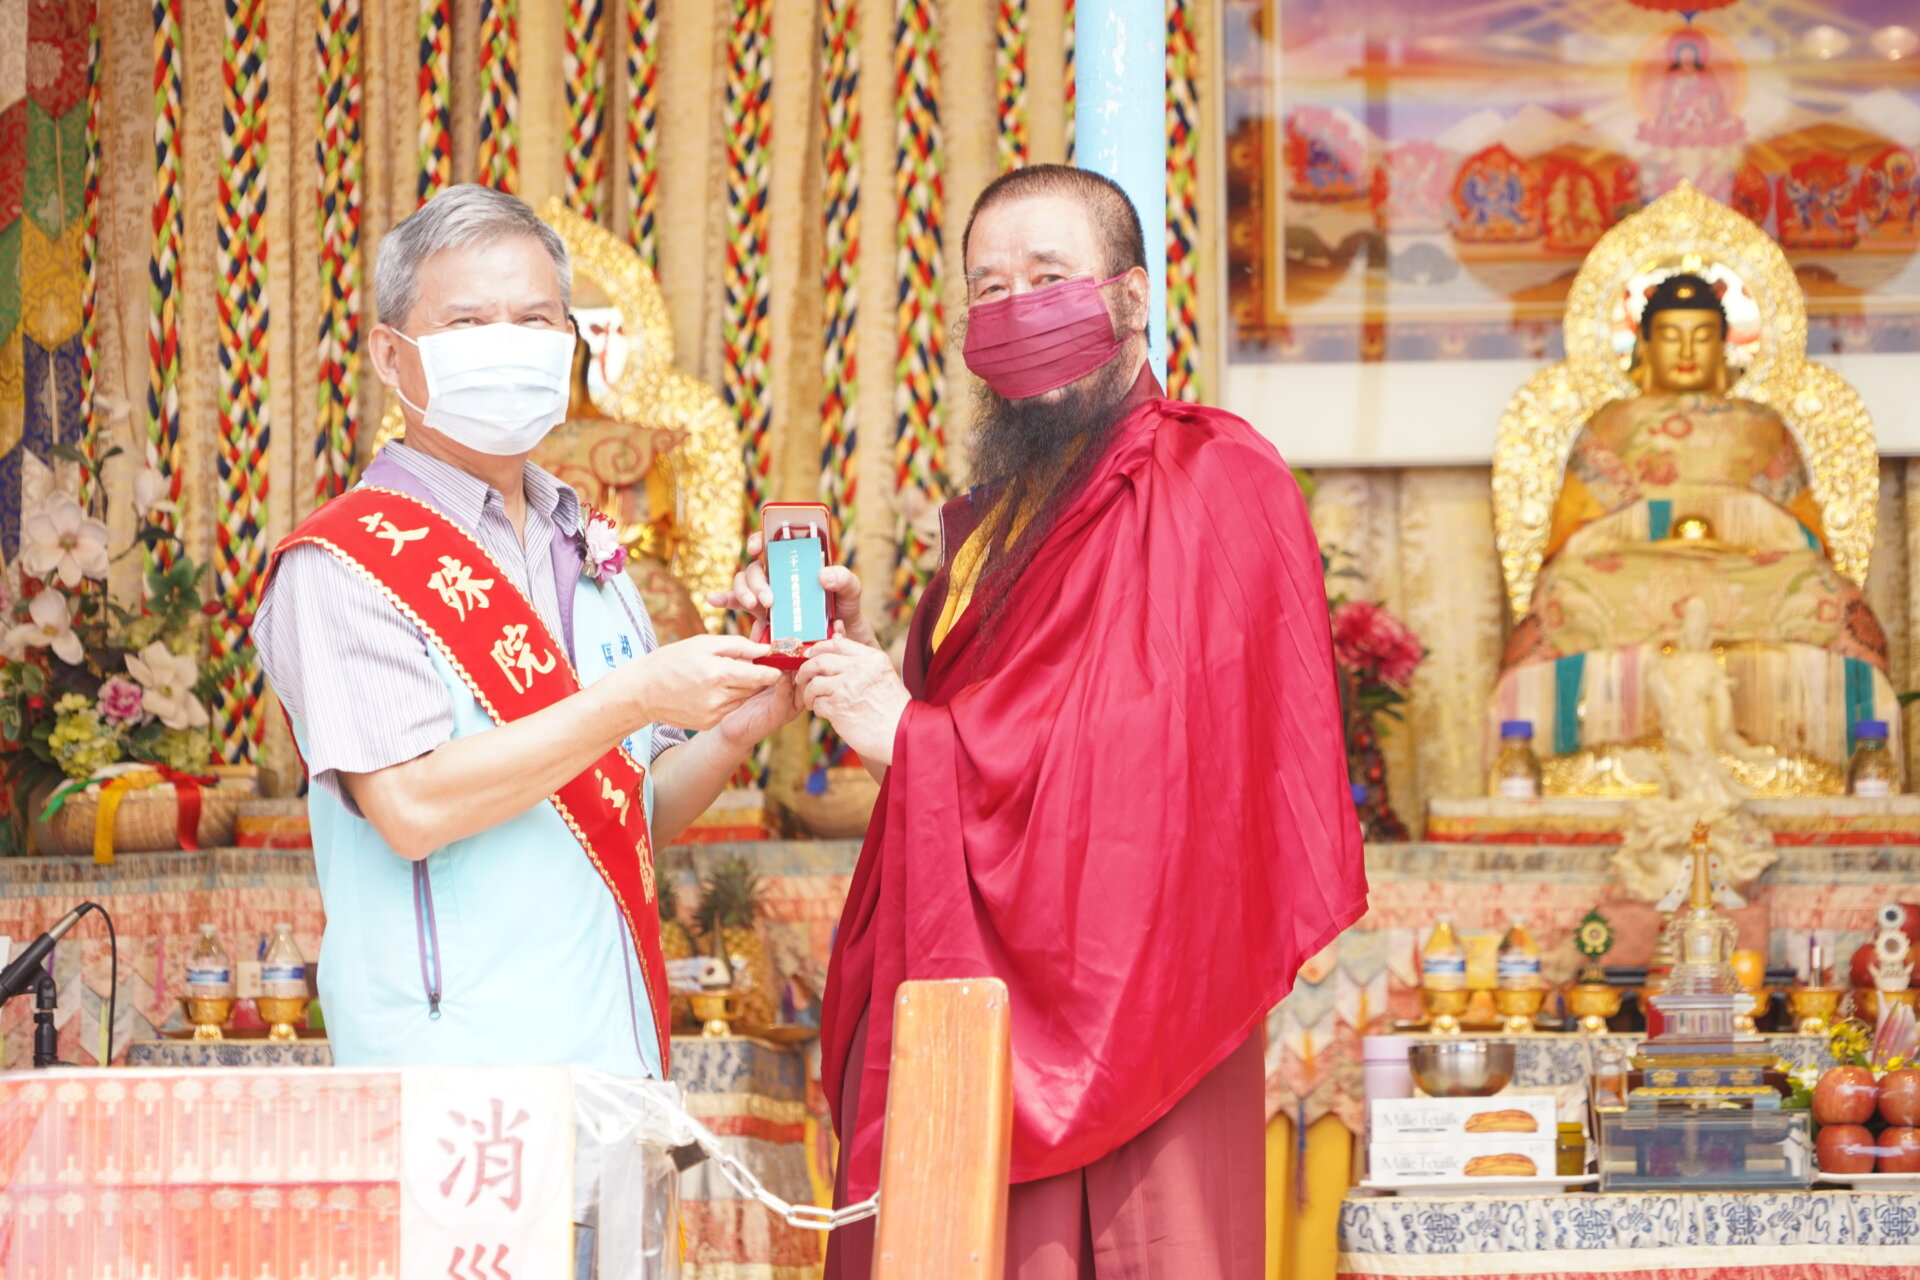 行動佛殿133站高雄湖內,本會指導上師恆性嘉措仁波且(左)致贈貴賓珍貴加持物